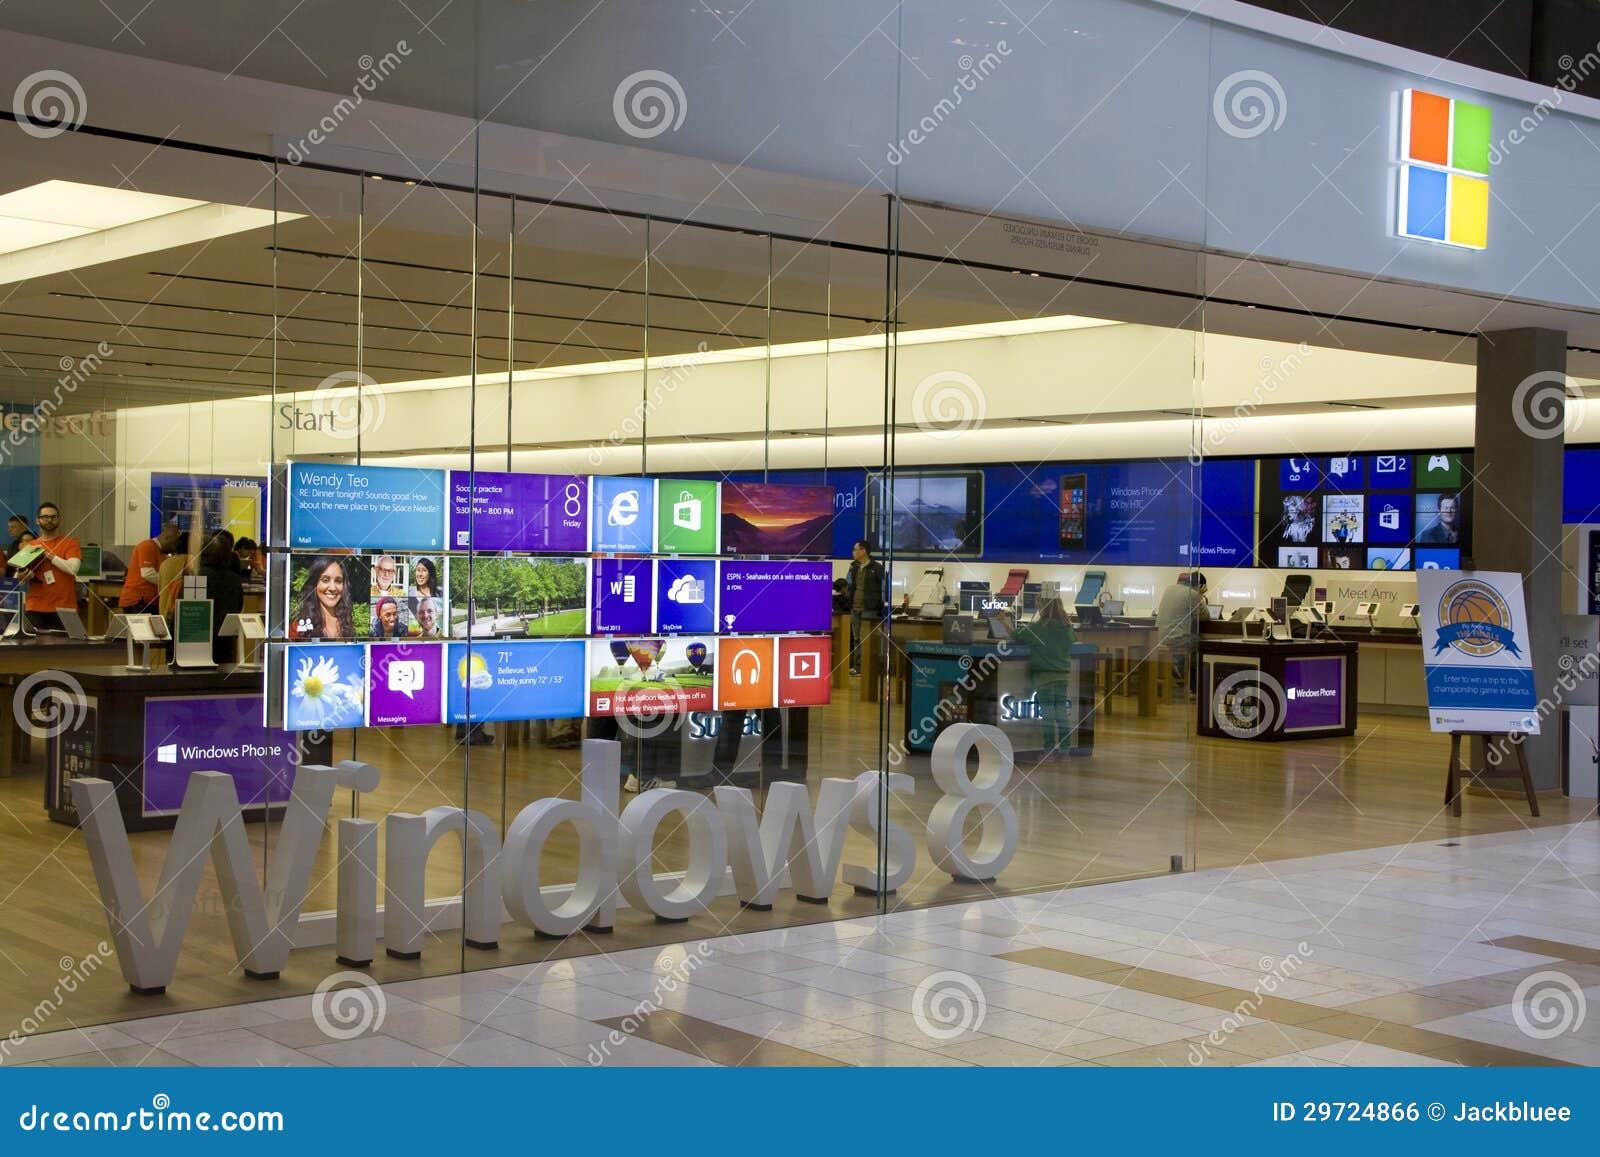 Microsoft Store In Bellevue Square Mall Editorial Photo ...